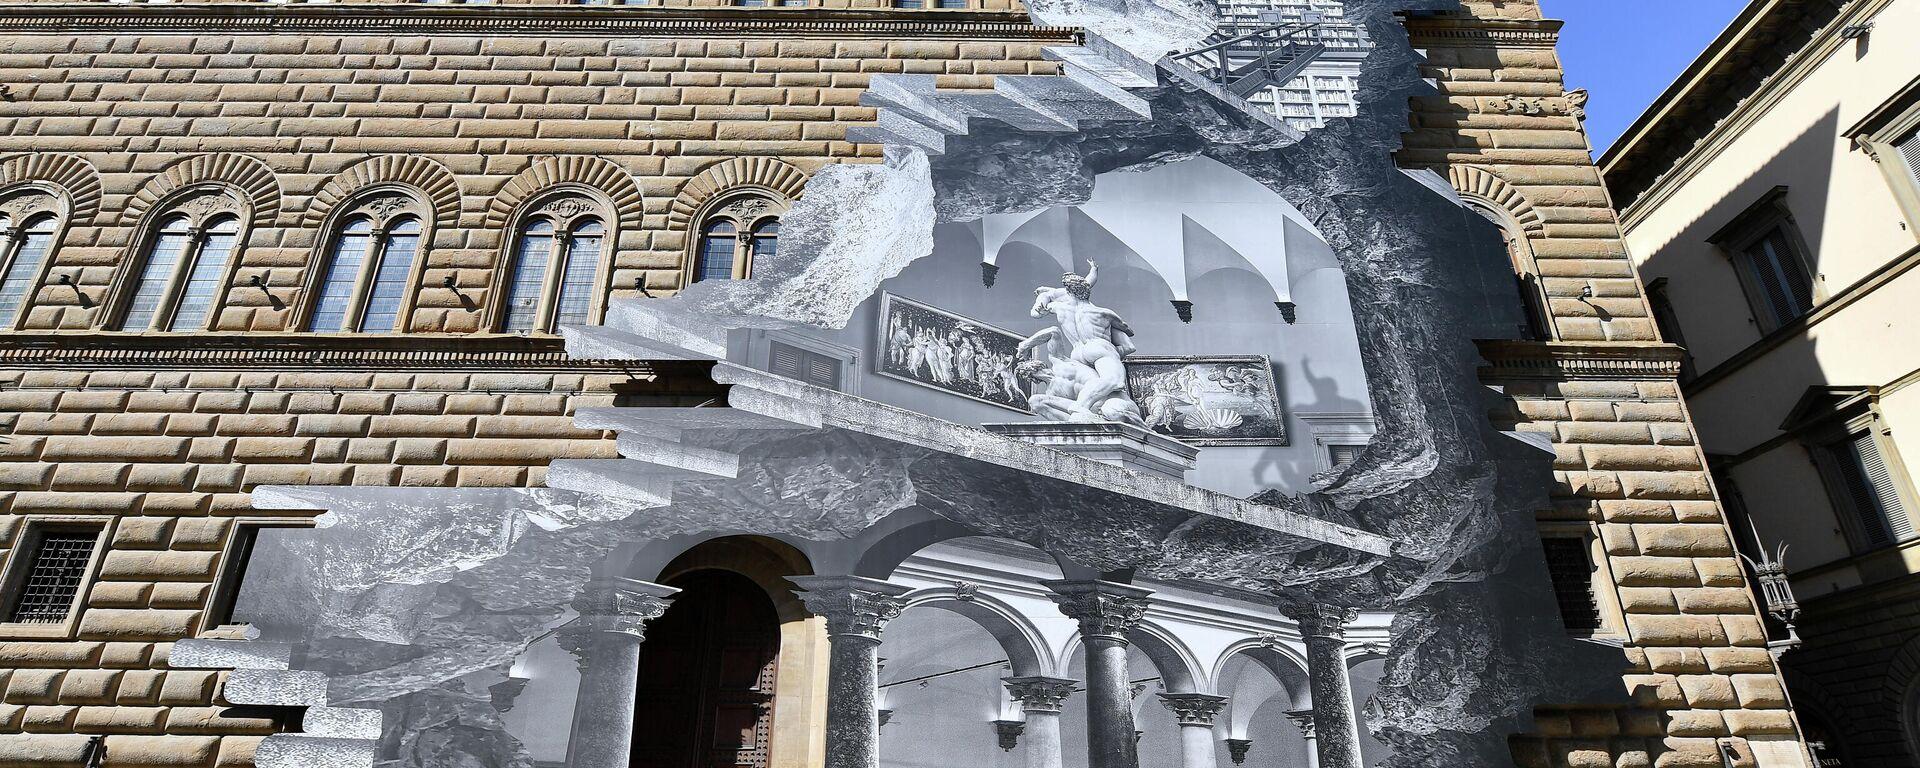 """""""Wunde"""" erscheint an der Fassade eines alten Palazzo in Florenz  - SNA, 1920, 20.03.2021"""